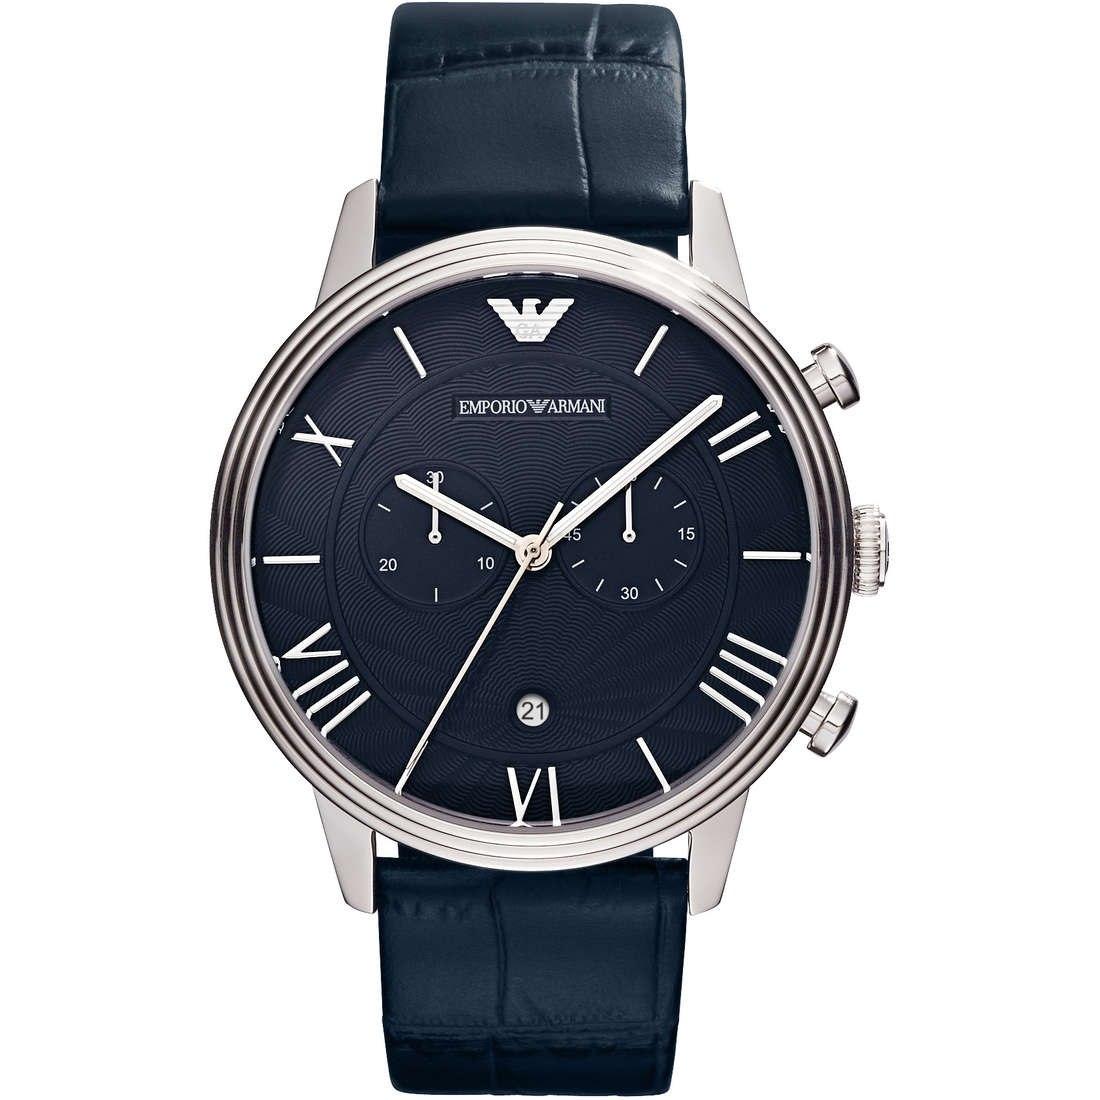 שעון יד EMPORIO ARMANI – אימפריו ארמני  AR1652